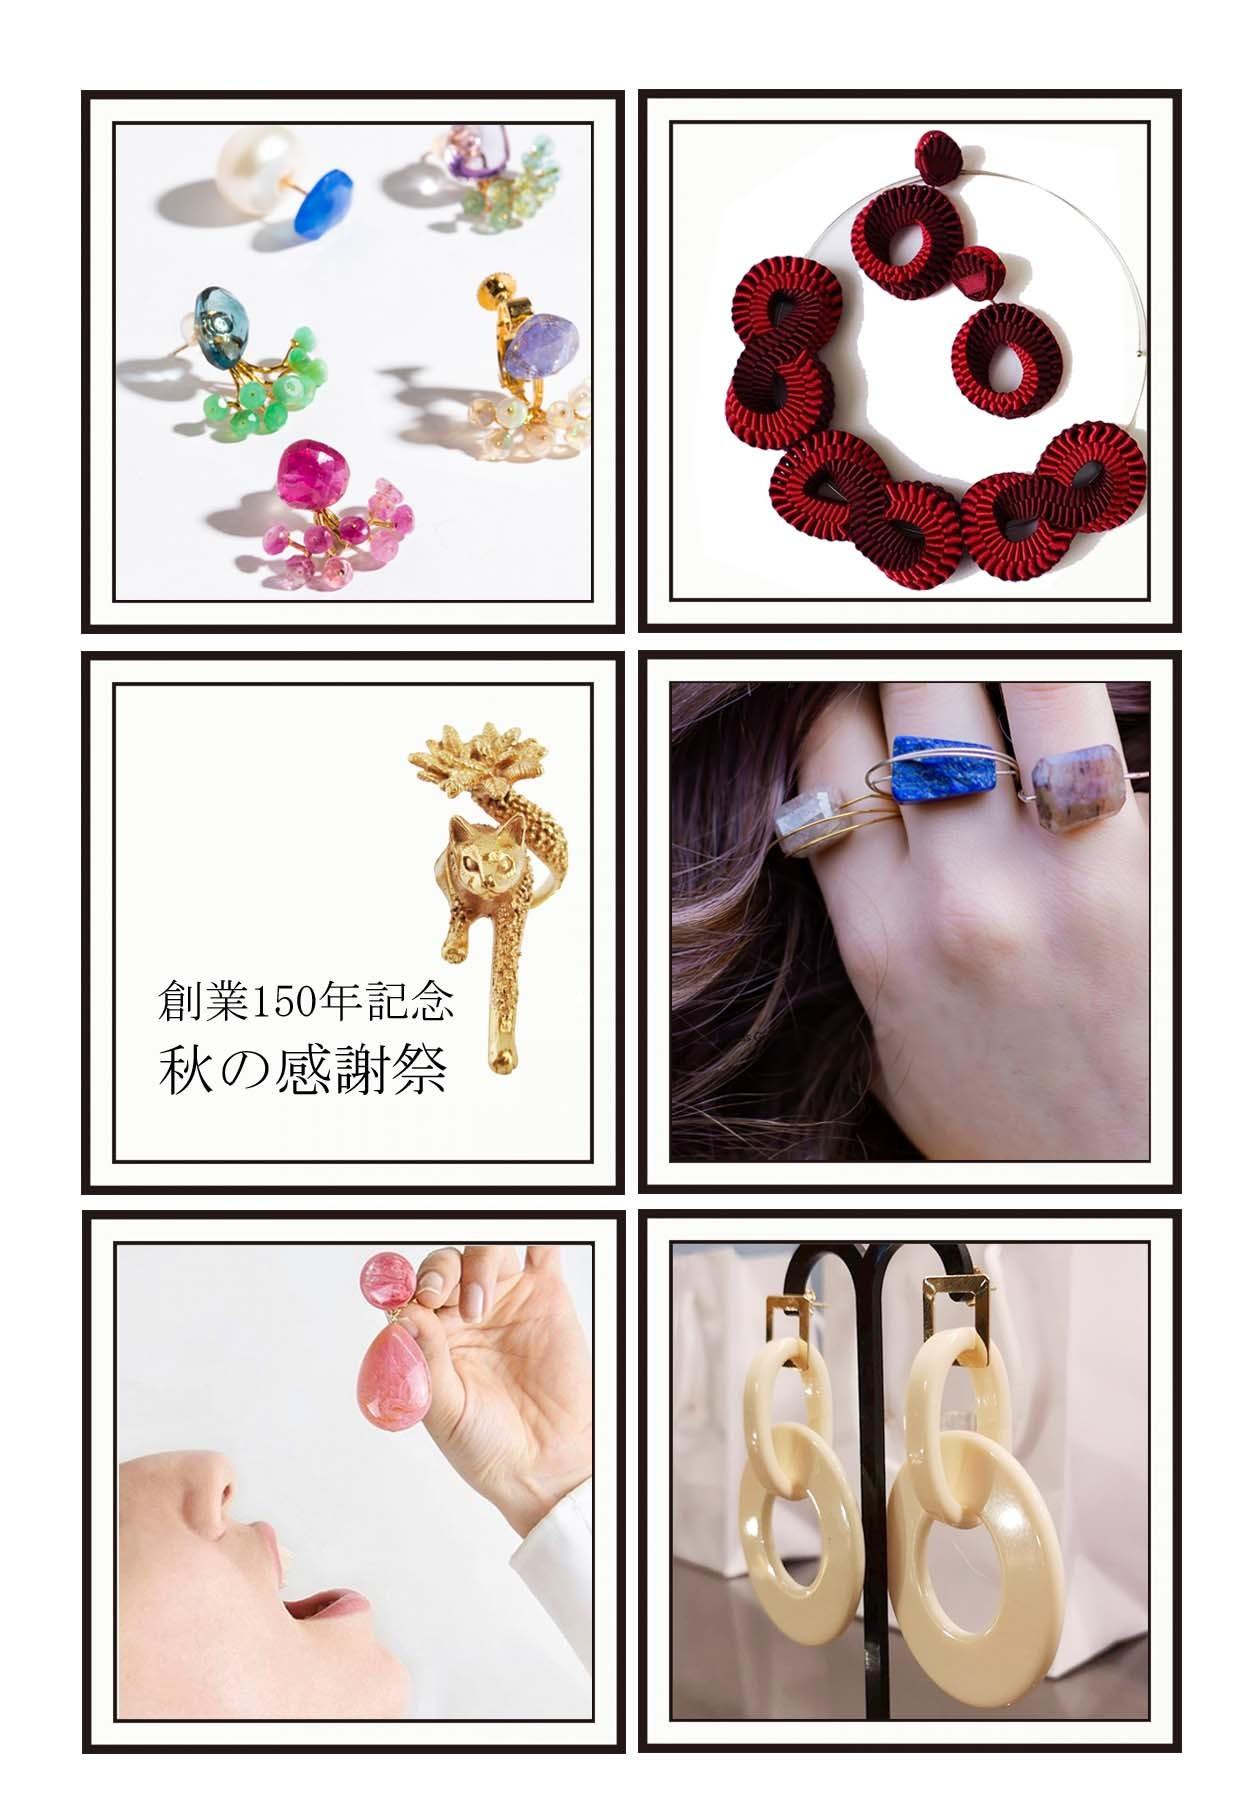 千駄木店 & ウェブショップ 営業日変更のお知らせ_c0176078_18254181.jpg